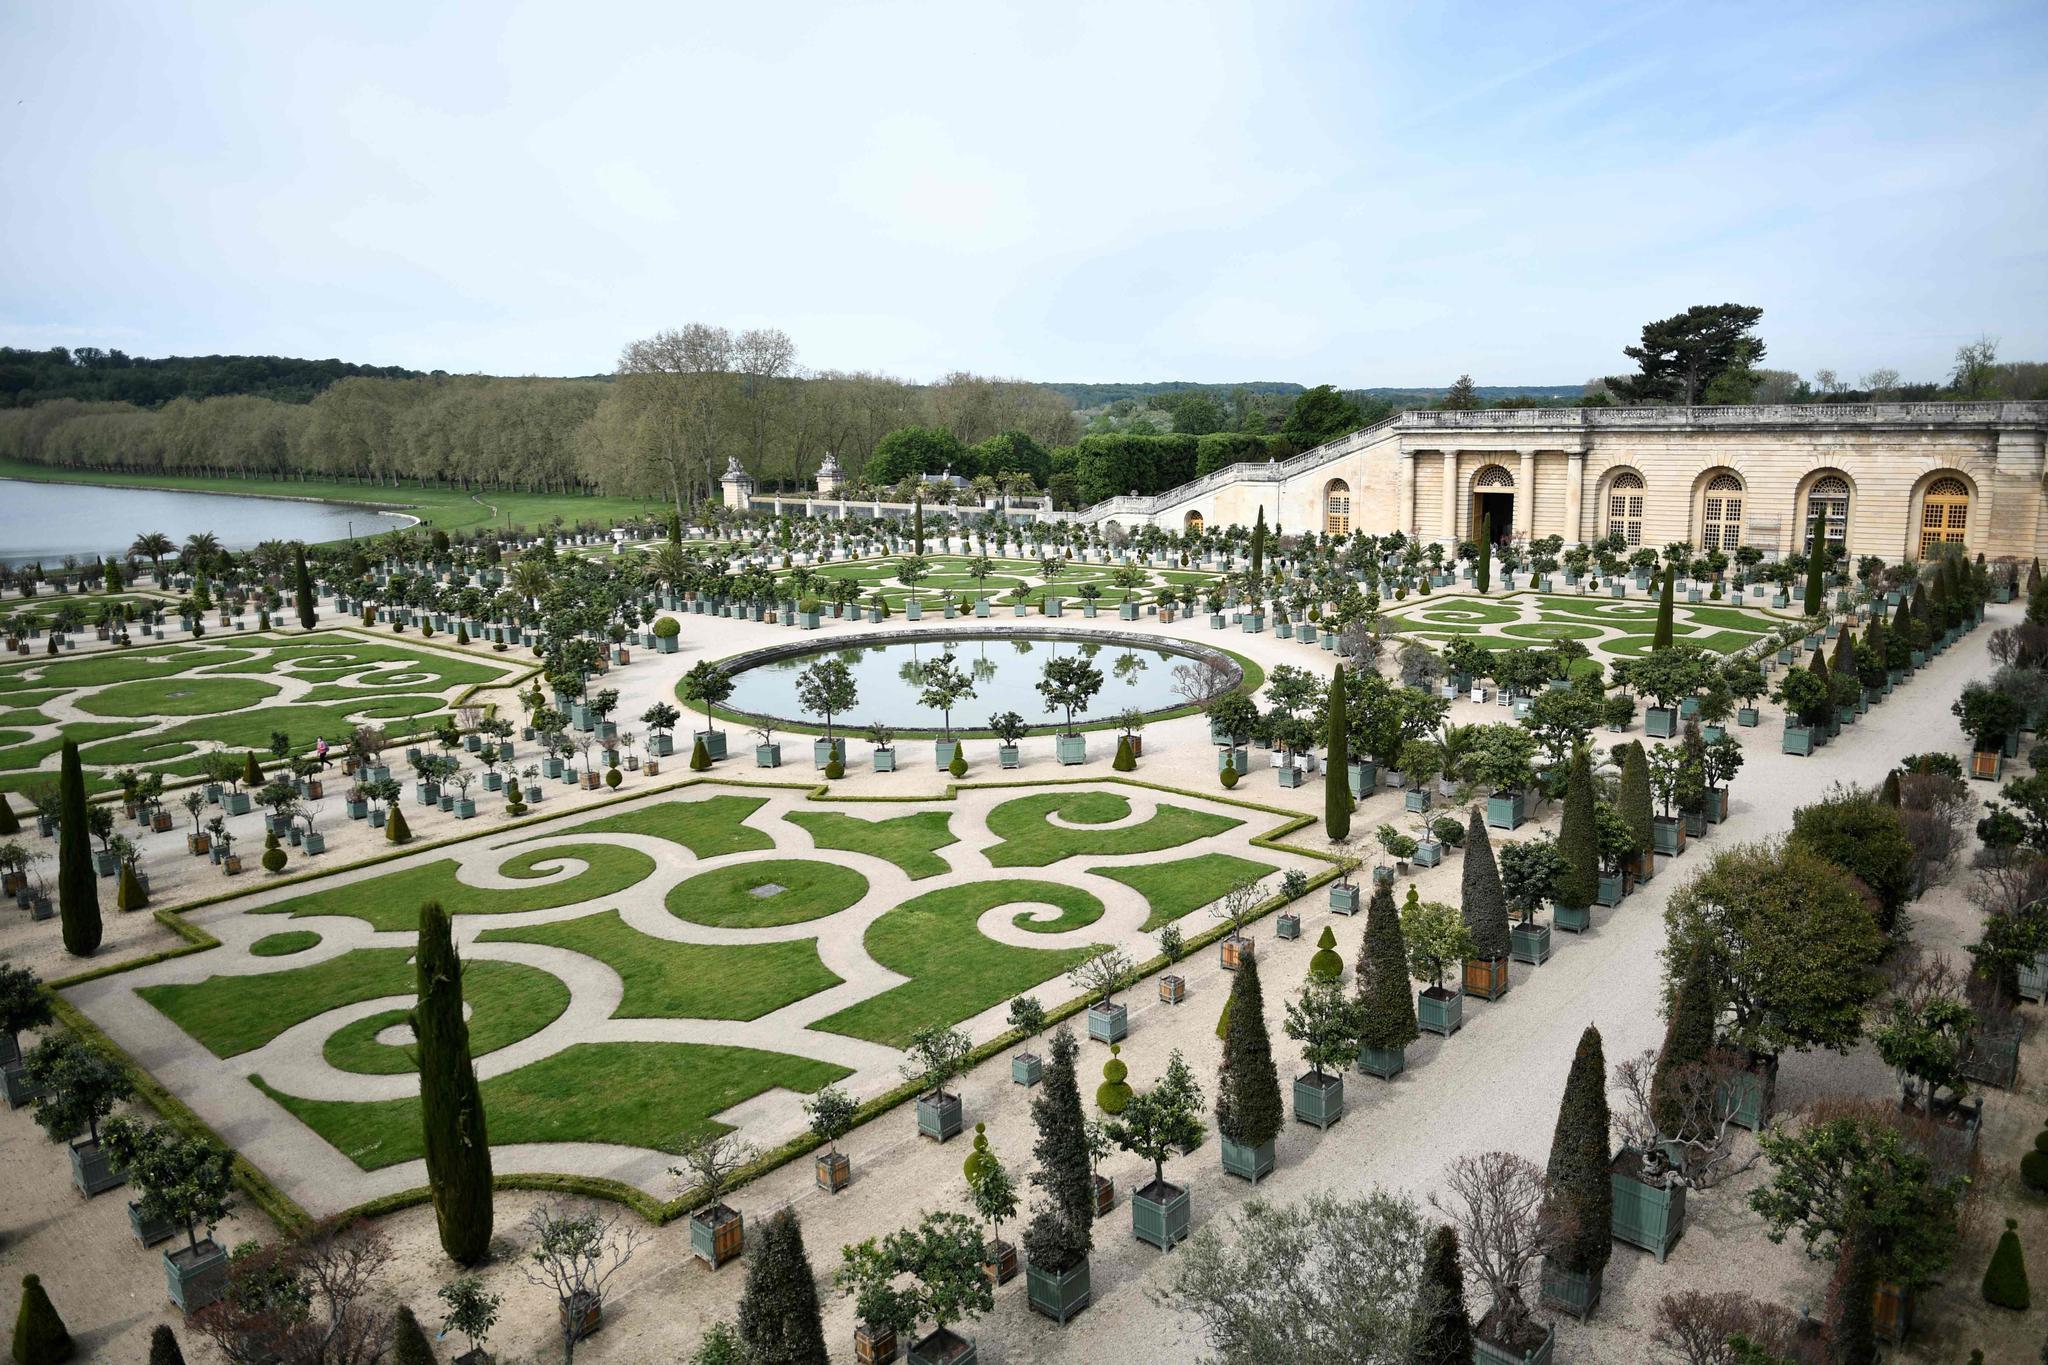 法国:在凡尔赛宫接种新冠疫苗